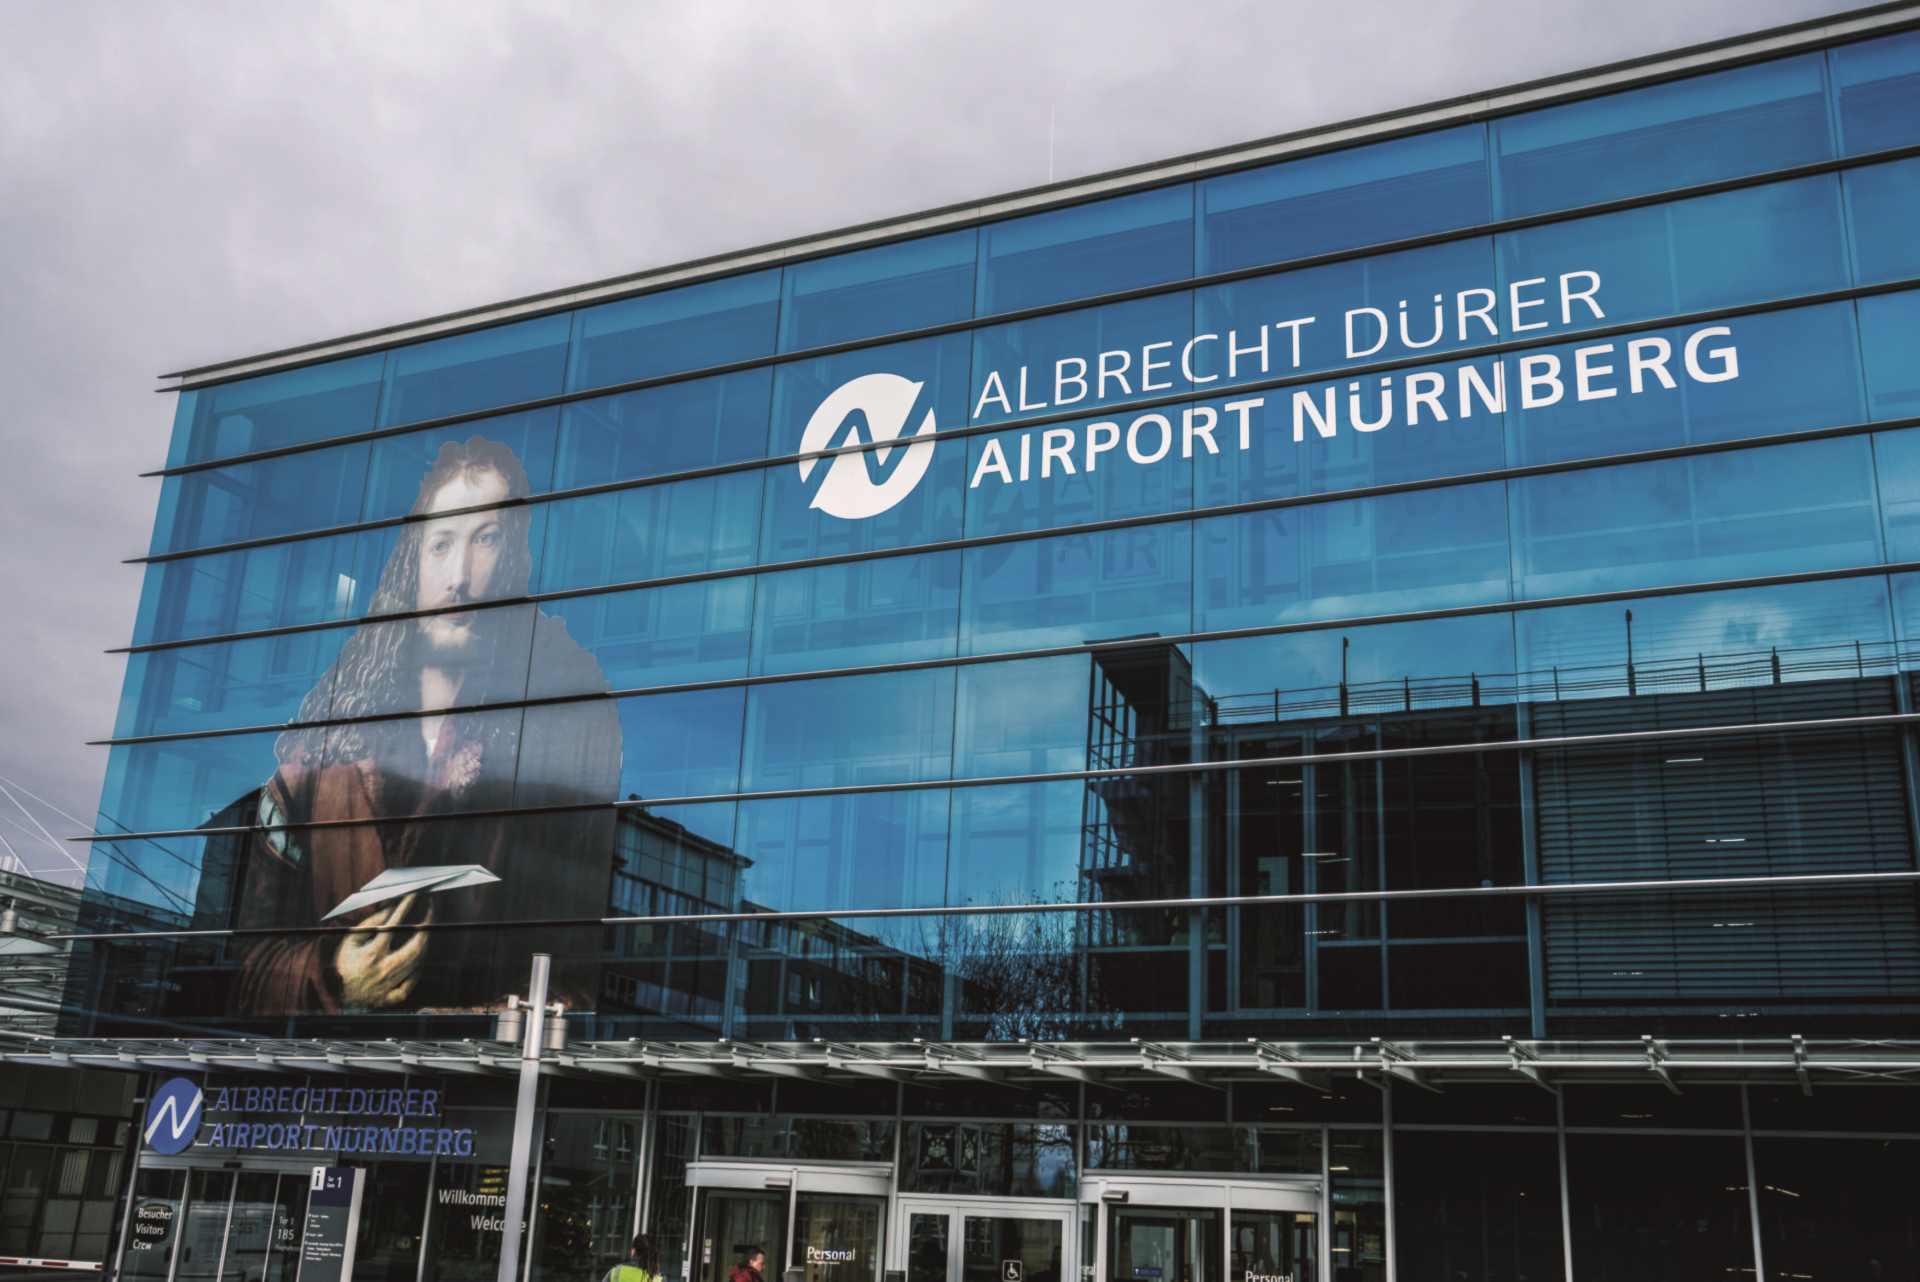 Flughafen Nürnberg Terminal-Eingang